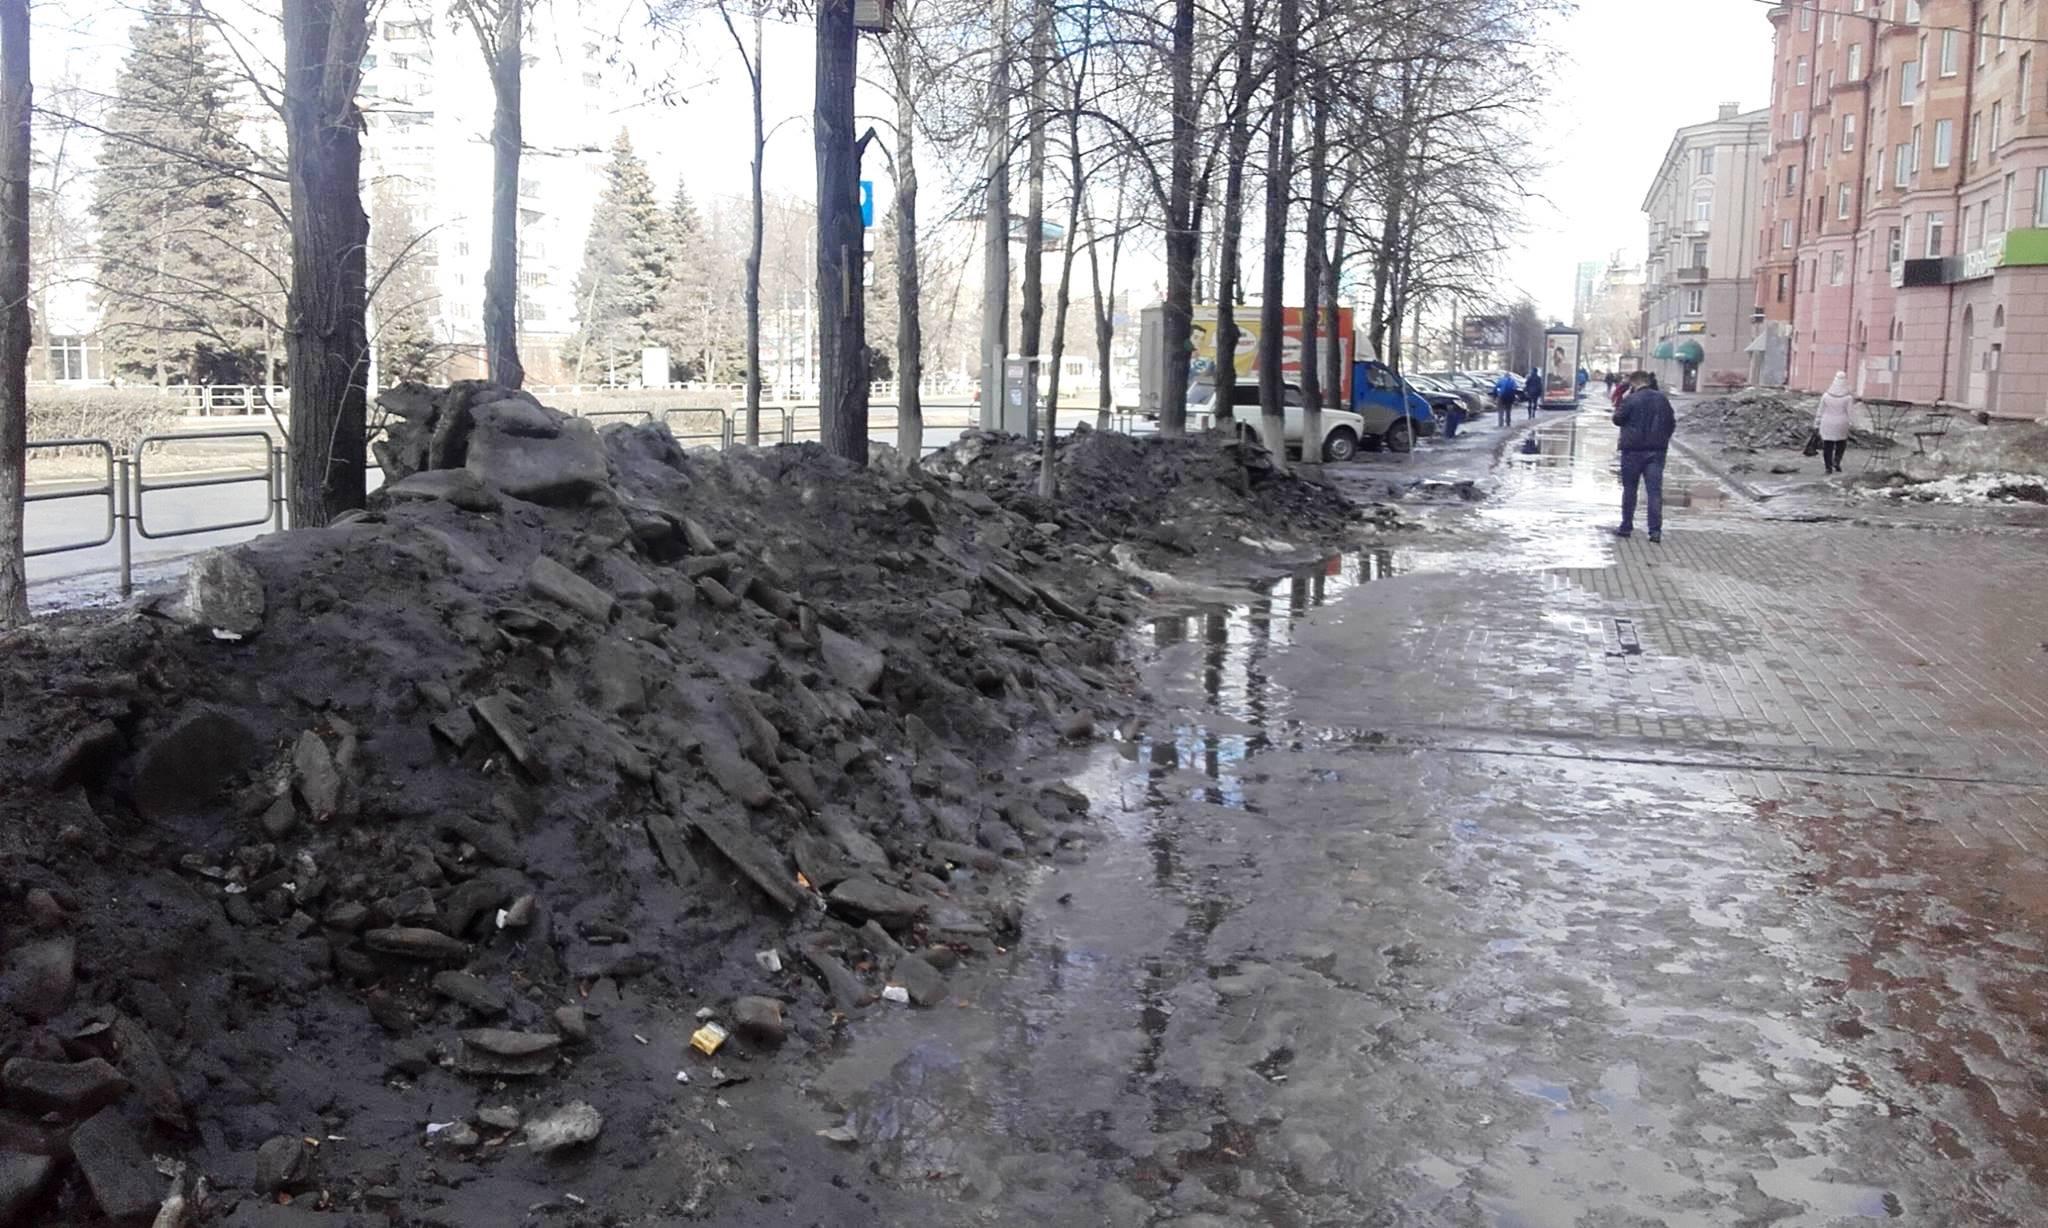 Евгений Тефтелев в понедельник, 10 апреля, на аппаратном совещании в мэрии обратил внимание подчи